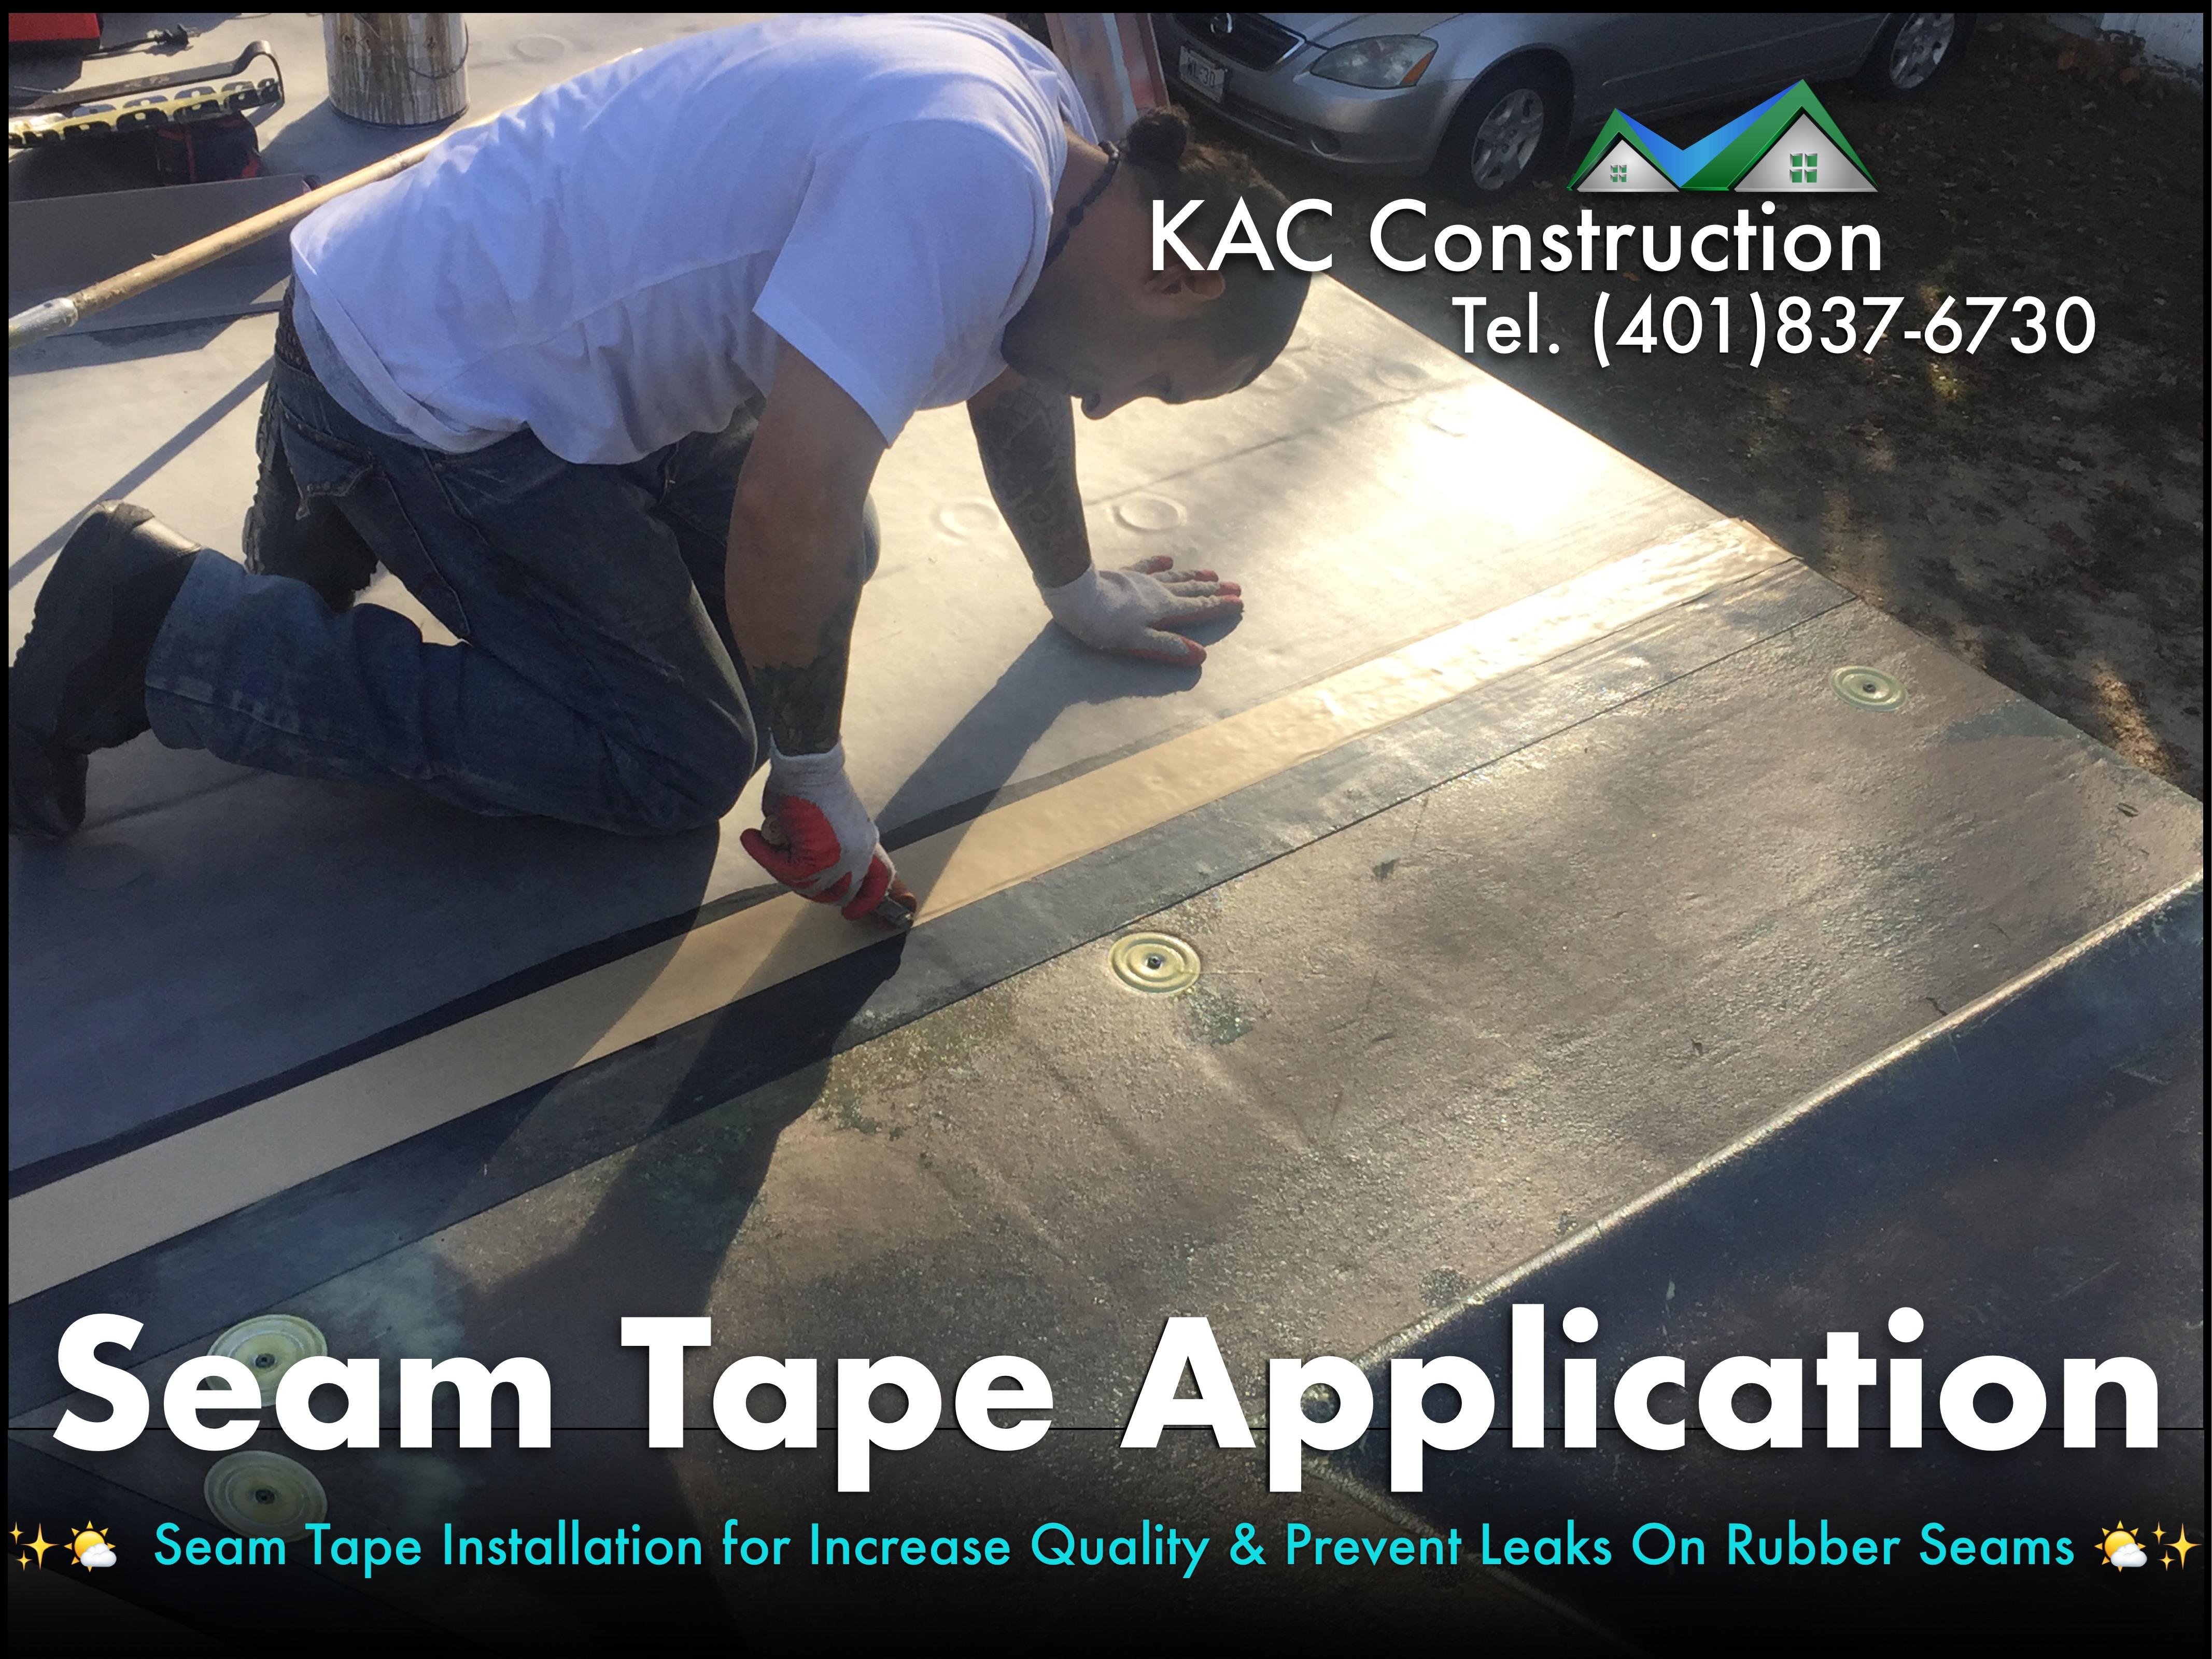 Rubber roof, rubber roof ri, rubber roof Replacement,rubber roof replacement RI, rubber roof in RI, rubber roof replacement in RI, rubber roofing RI, rubber roof contractors ri